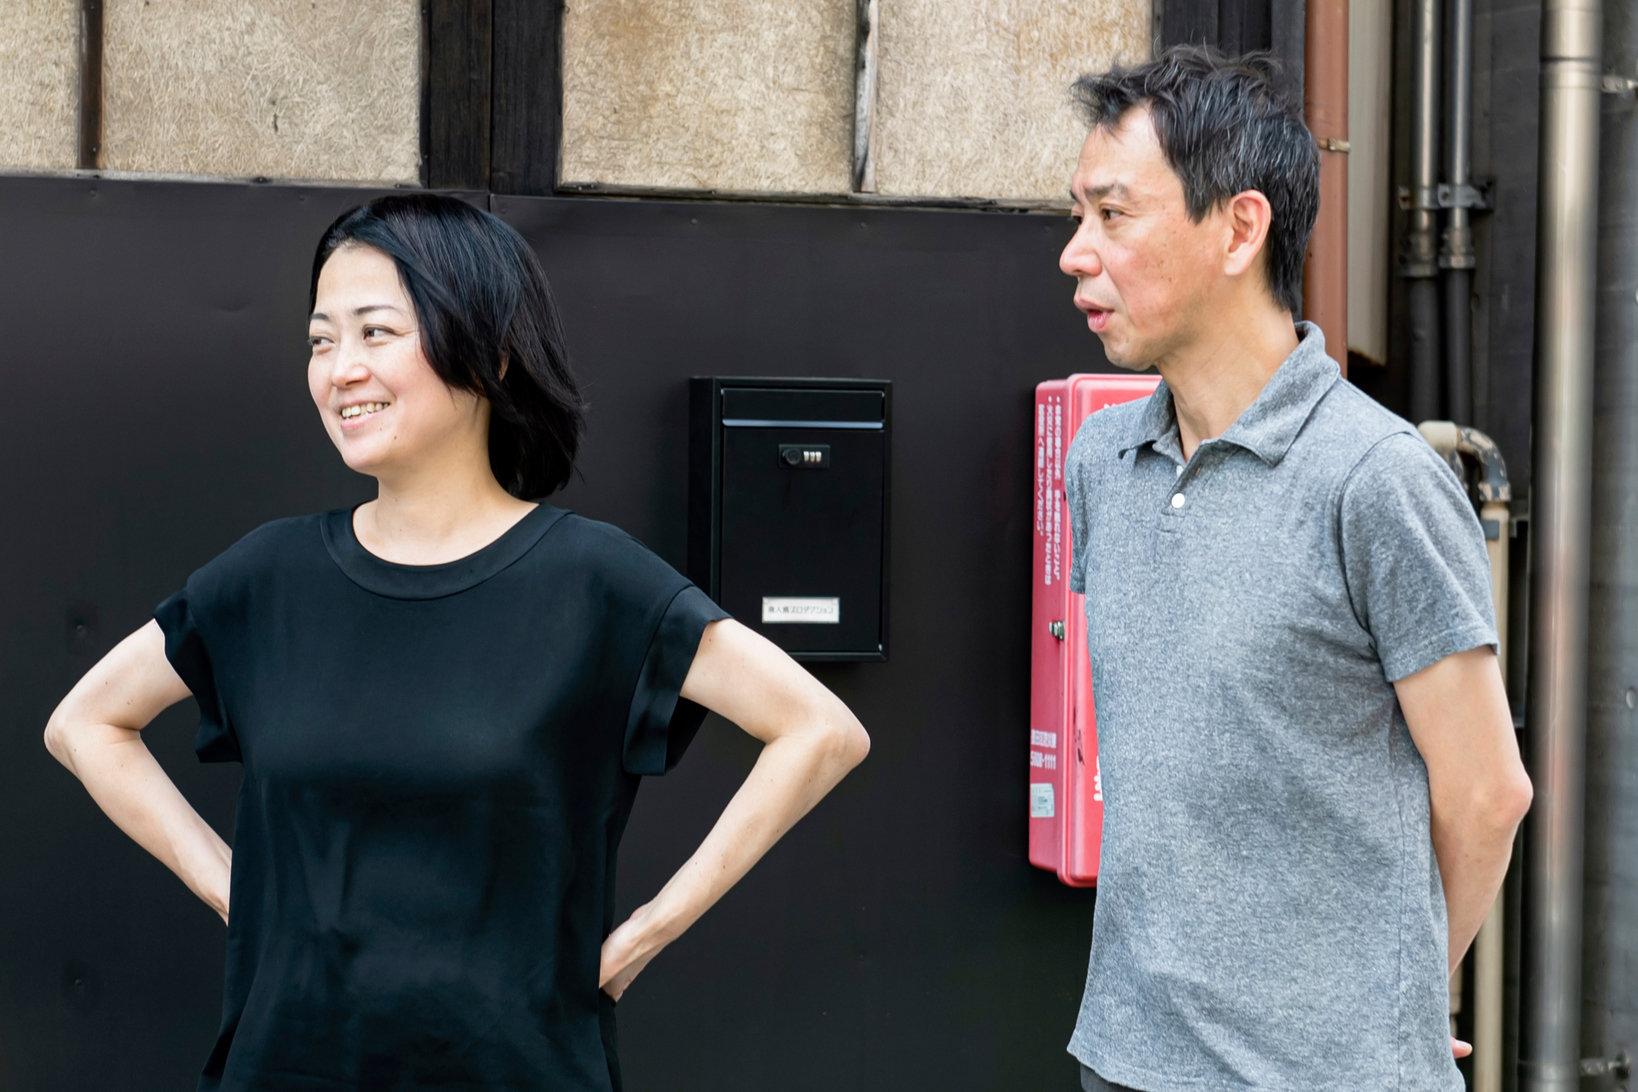 左:藤城里香さん。ギャラリー「無人島プロダクション」オーナー。2006年5月、無人島プロダクションを設立。広い意味での「芸術」を楽しんでもらえるよう、グッズ製作やイベント企画など、展覧会企画以外の活動も幅広く行っている。  右:青山秀樹さん。「青山|目黒 」代表。1968年福生市生まれ。1990-2004年の間、ヨーロッパ近代、現代美術を扱う画廊でのアルバイトからセールスマンとして修行。退職、転職を繰り返し、事務所での活動を経て2007年に現住所にギャラリー開設。特に2012年から国外のアートフェアや企画に参加するほか、住宅や店舗、オフィス、ホテル等の施設の監修も手掛ける。